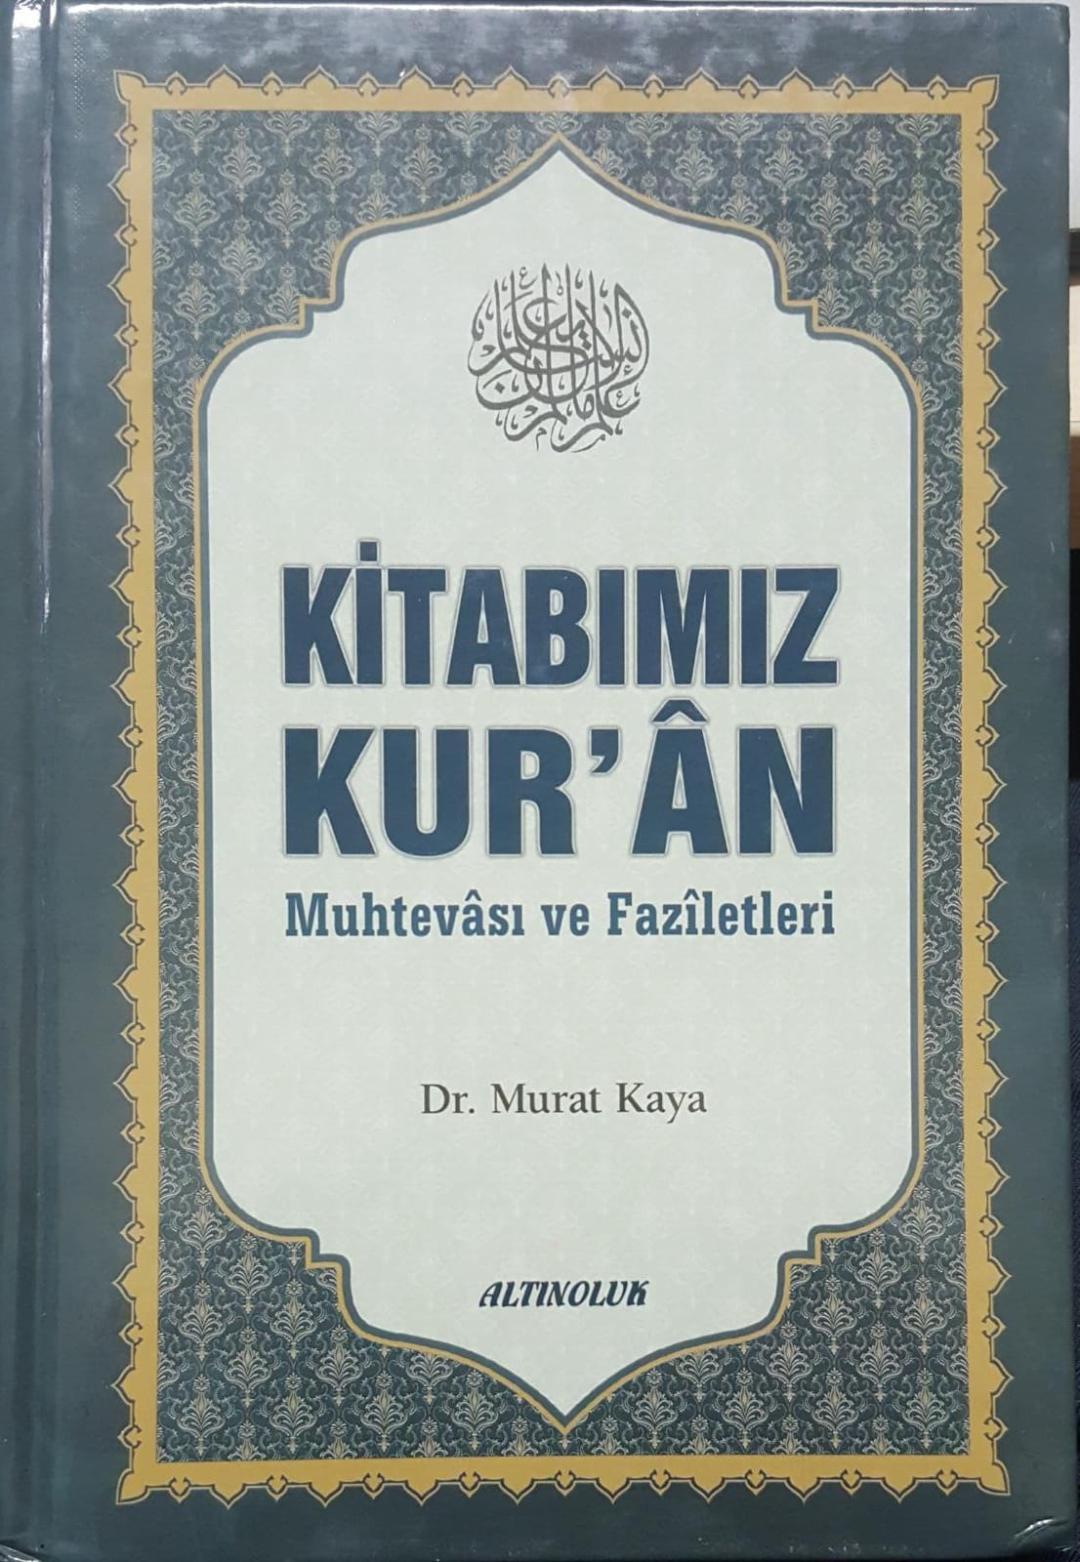 Kitabimiz_Kuran